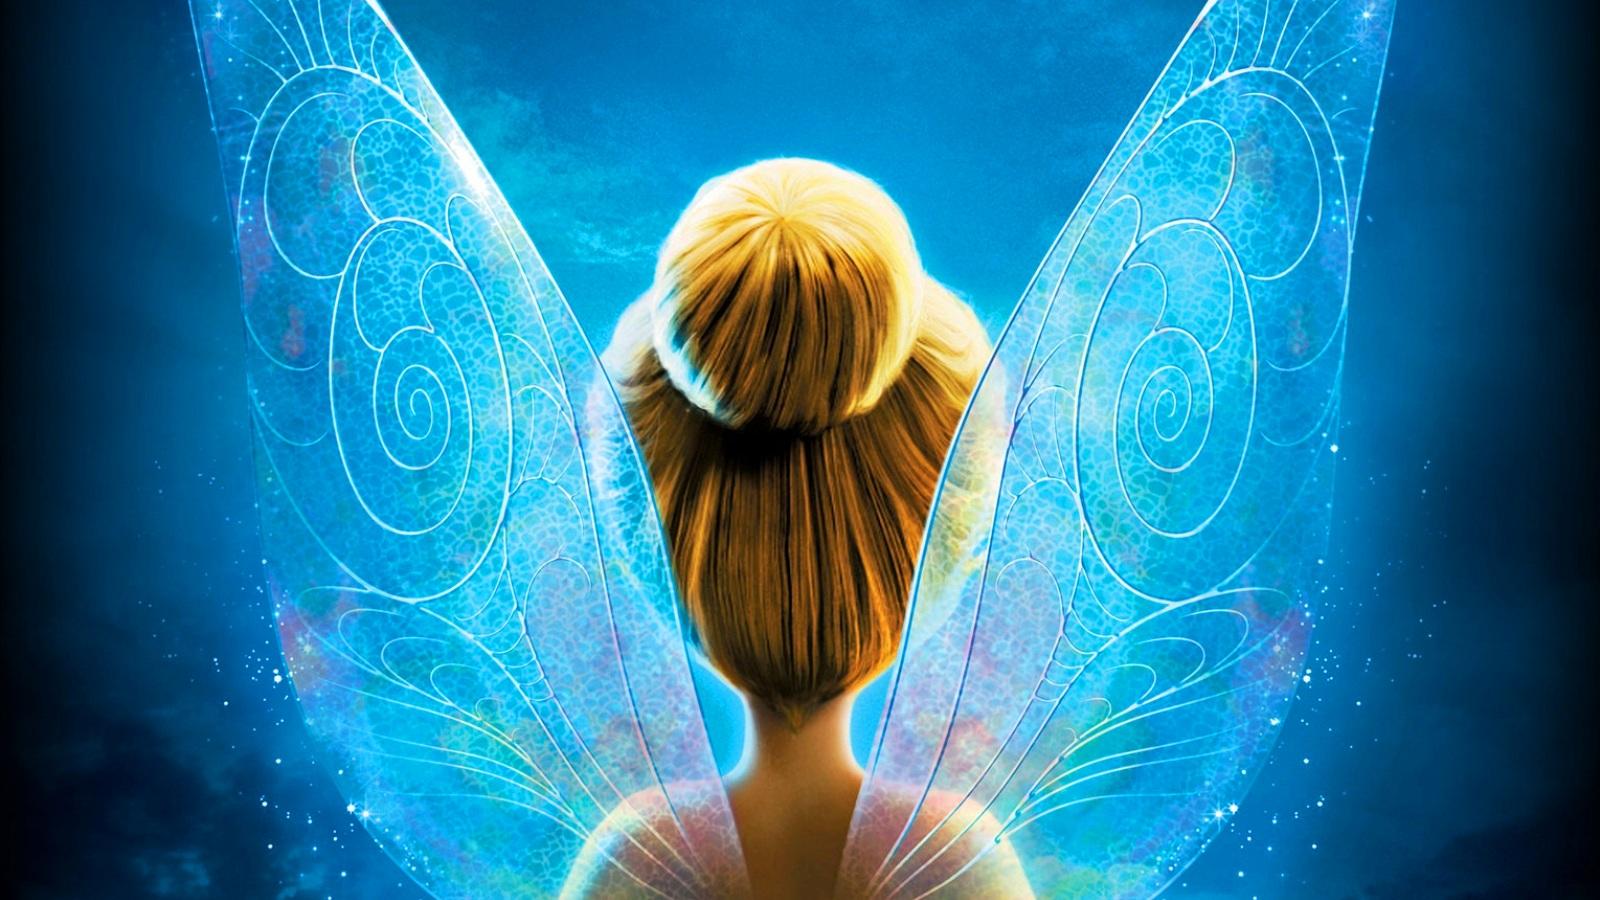 http://4.bp.blogspot.com/-ULgU4Q8sczk/UIH8_efeGxI/AAAAAAAAKSM/WfgsahlrGRc/s1600/Secret+of+The+Wings+4.jpg